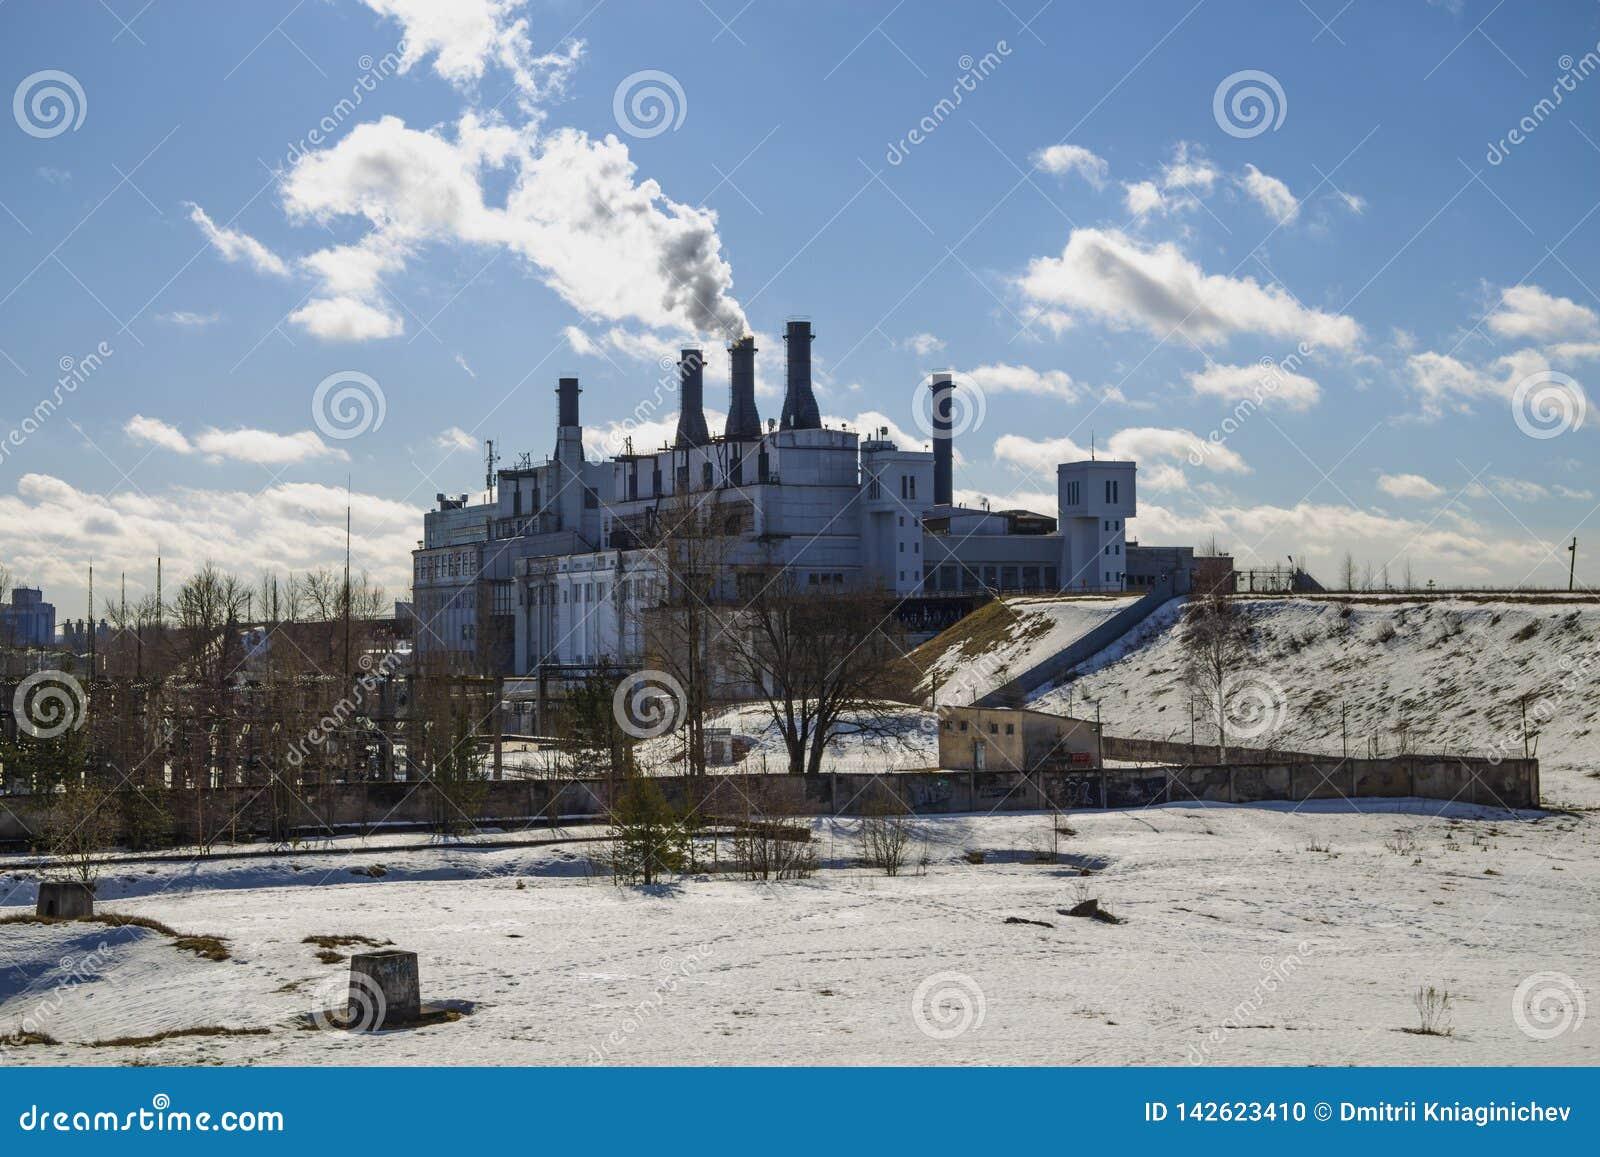 Εγκαταστάσεις θερμικής παραγωγής ενέργειας Εικόνα εργασίας